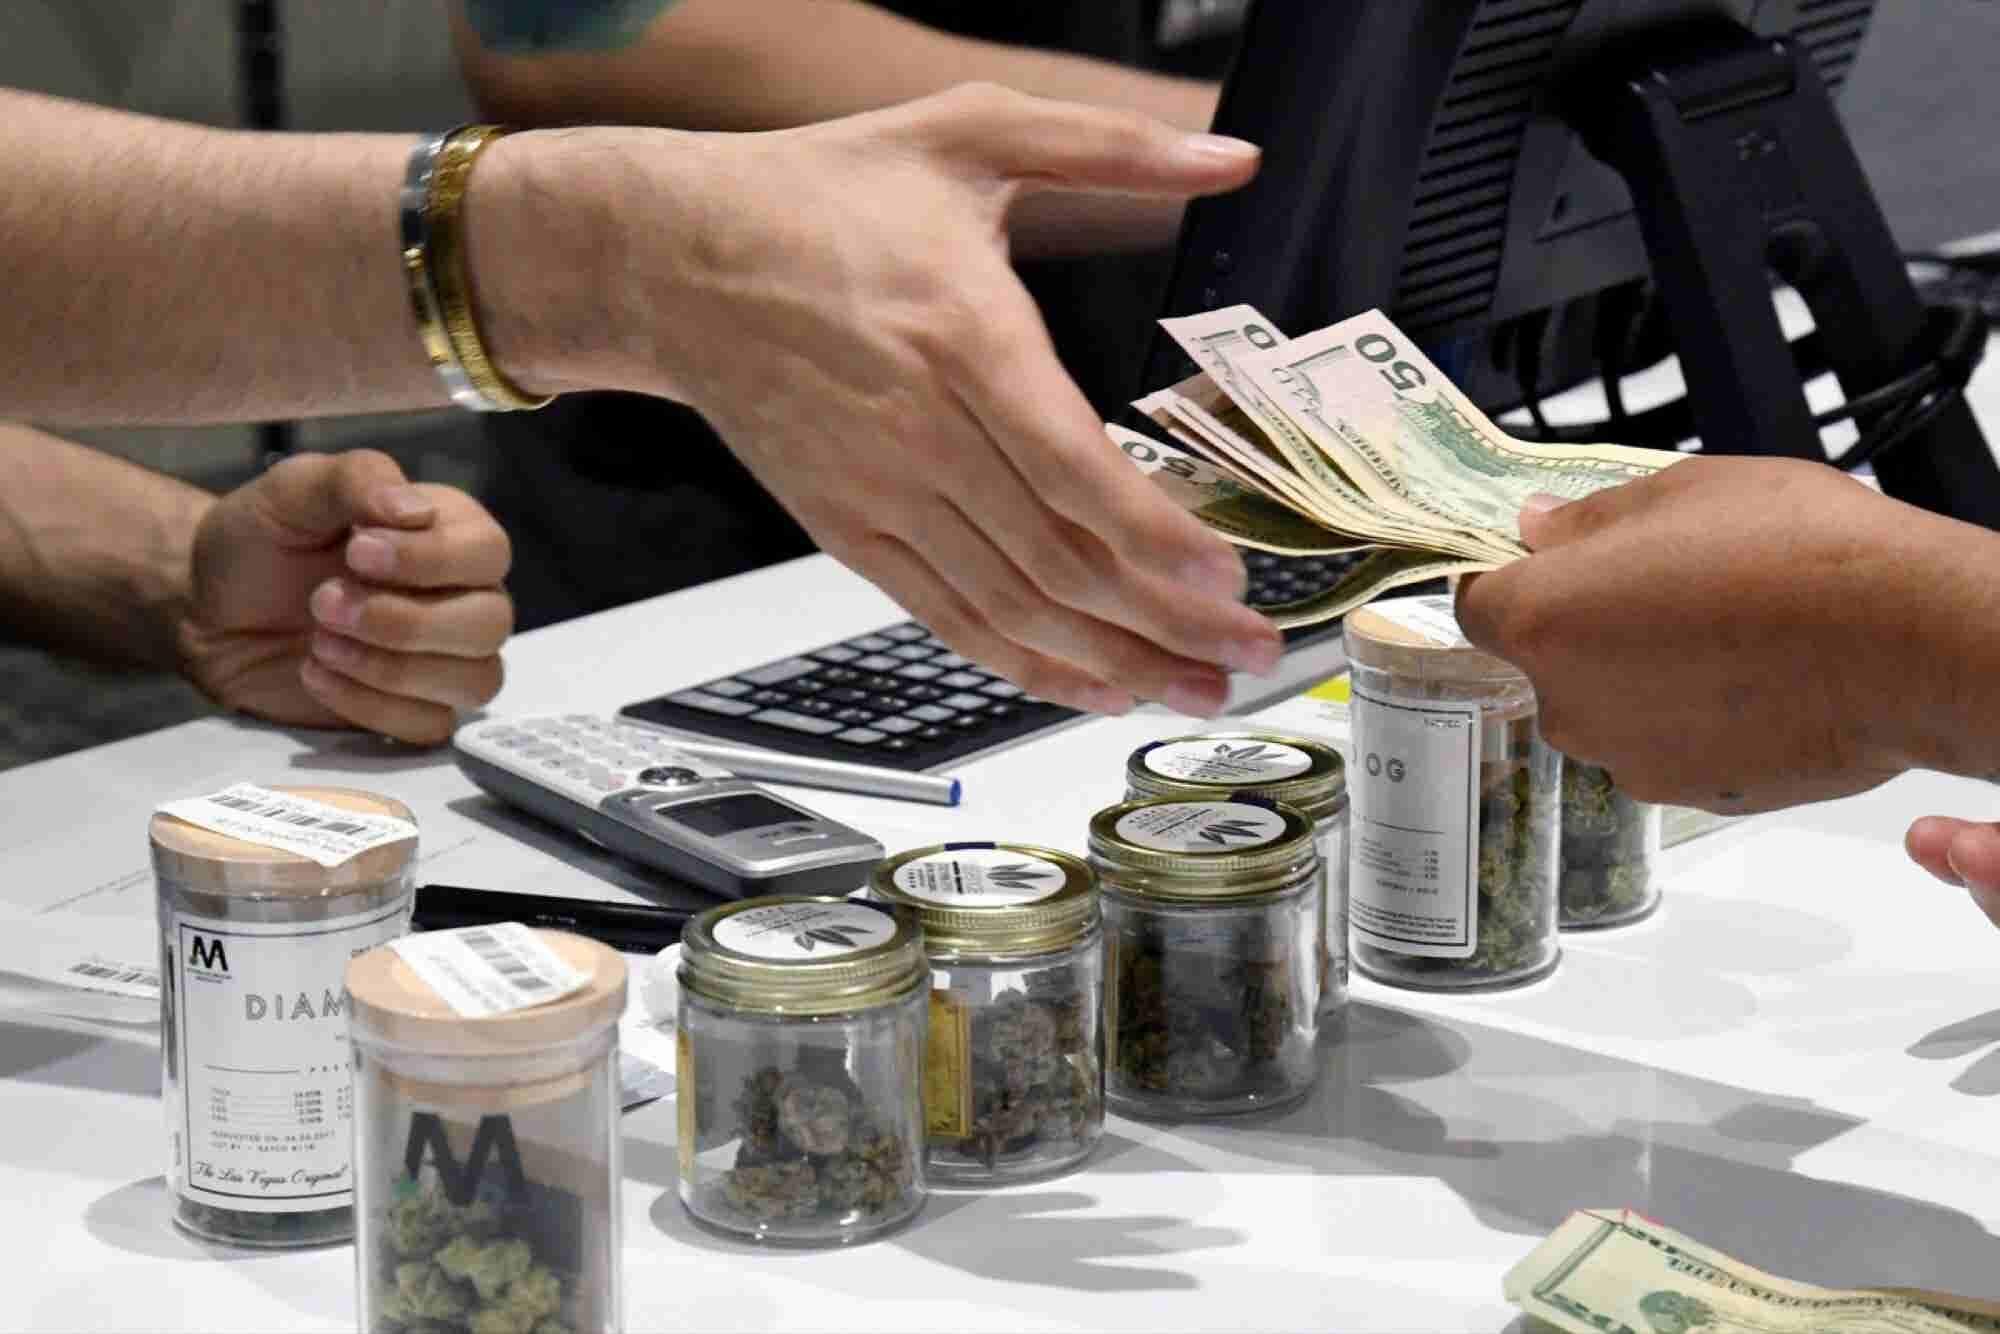 Nevada Declares Marijuana State of Emergency to Avoid $100 Million Tax Shortfall